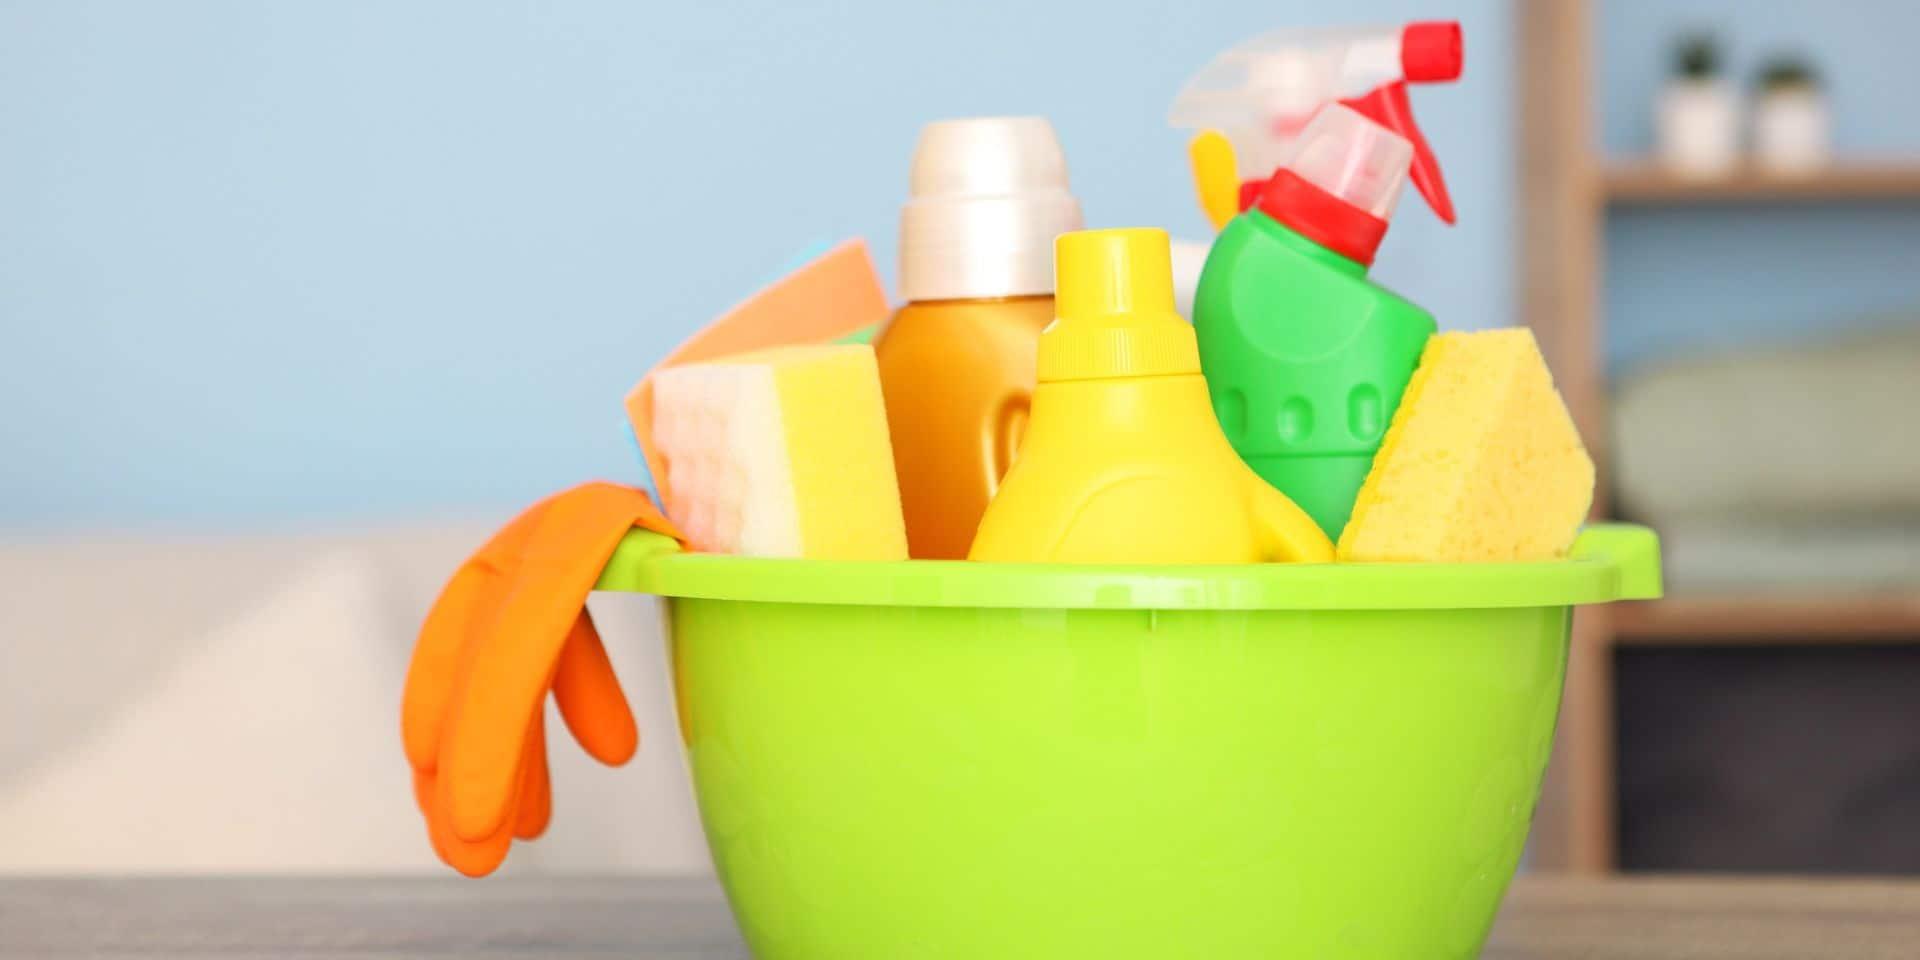 Désinfecter sa maison ? L'eau chlorée suffit !